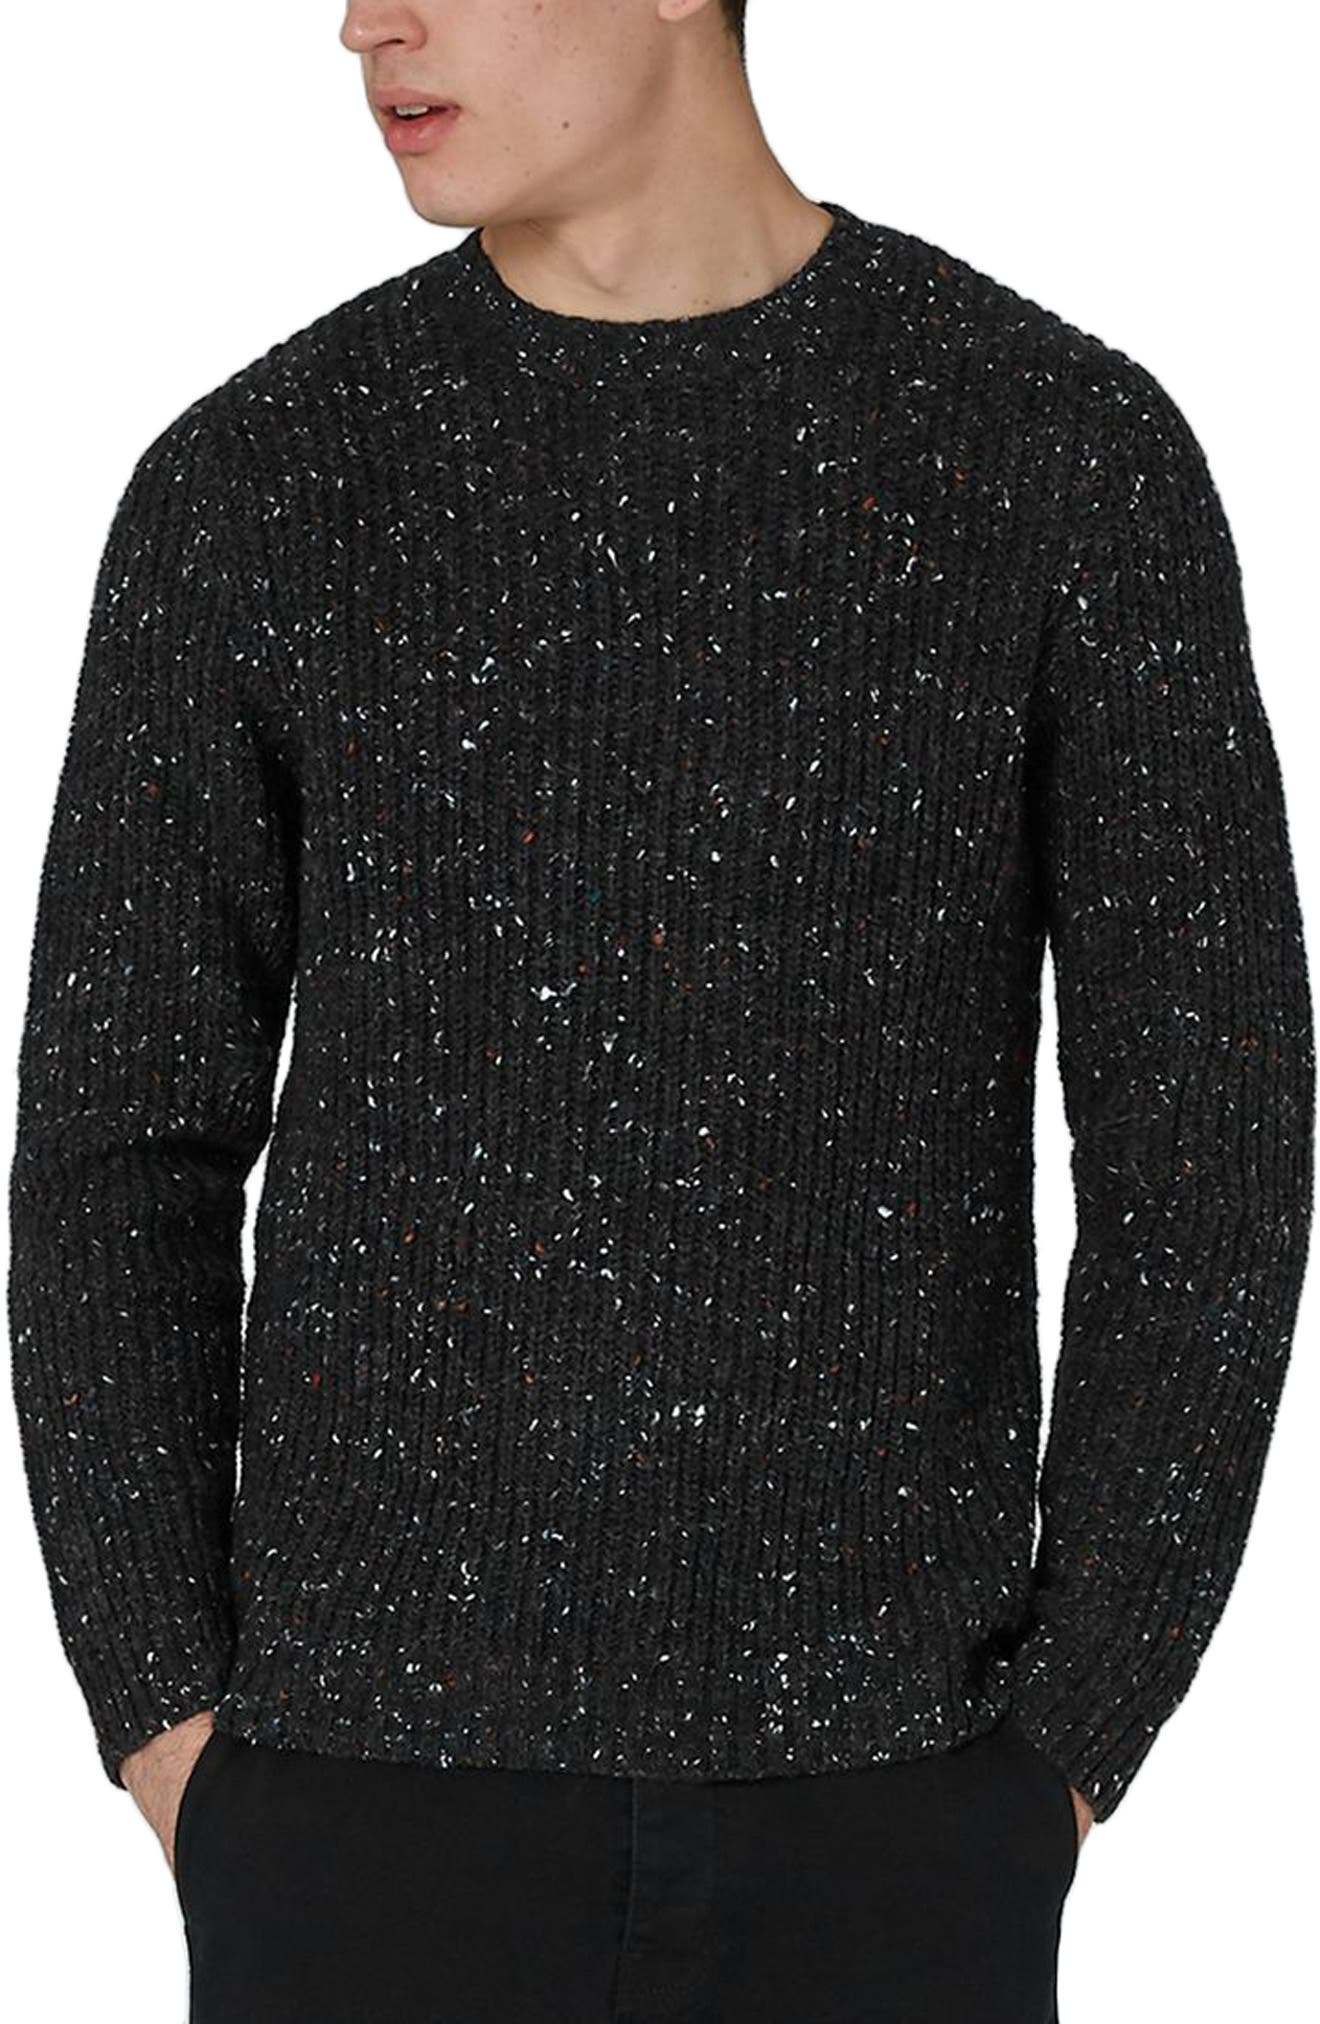 Premium Fisherman Sweater,                         Main,                         color, Charcoal